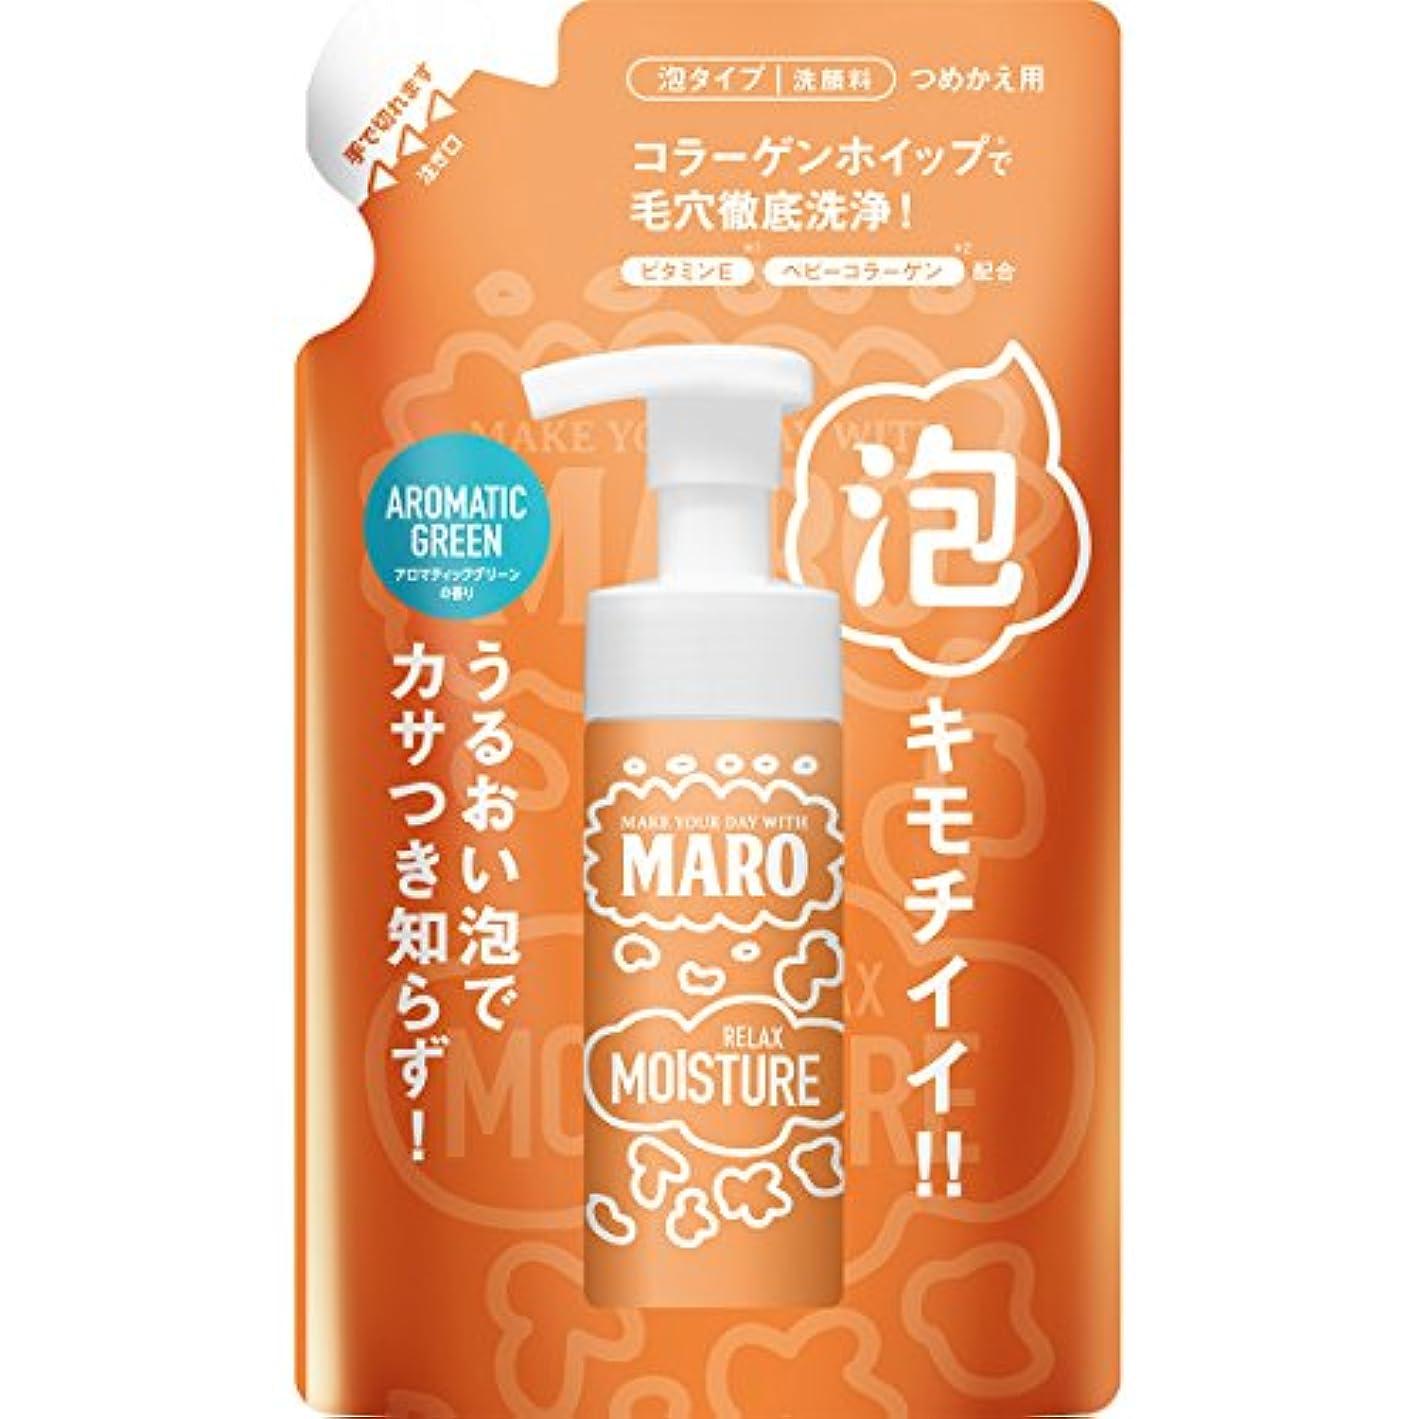 退屈なフロースポーツMARO グルーヴィー 泡洗顔 詰め替え リラックスモイスチャー 130ml